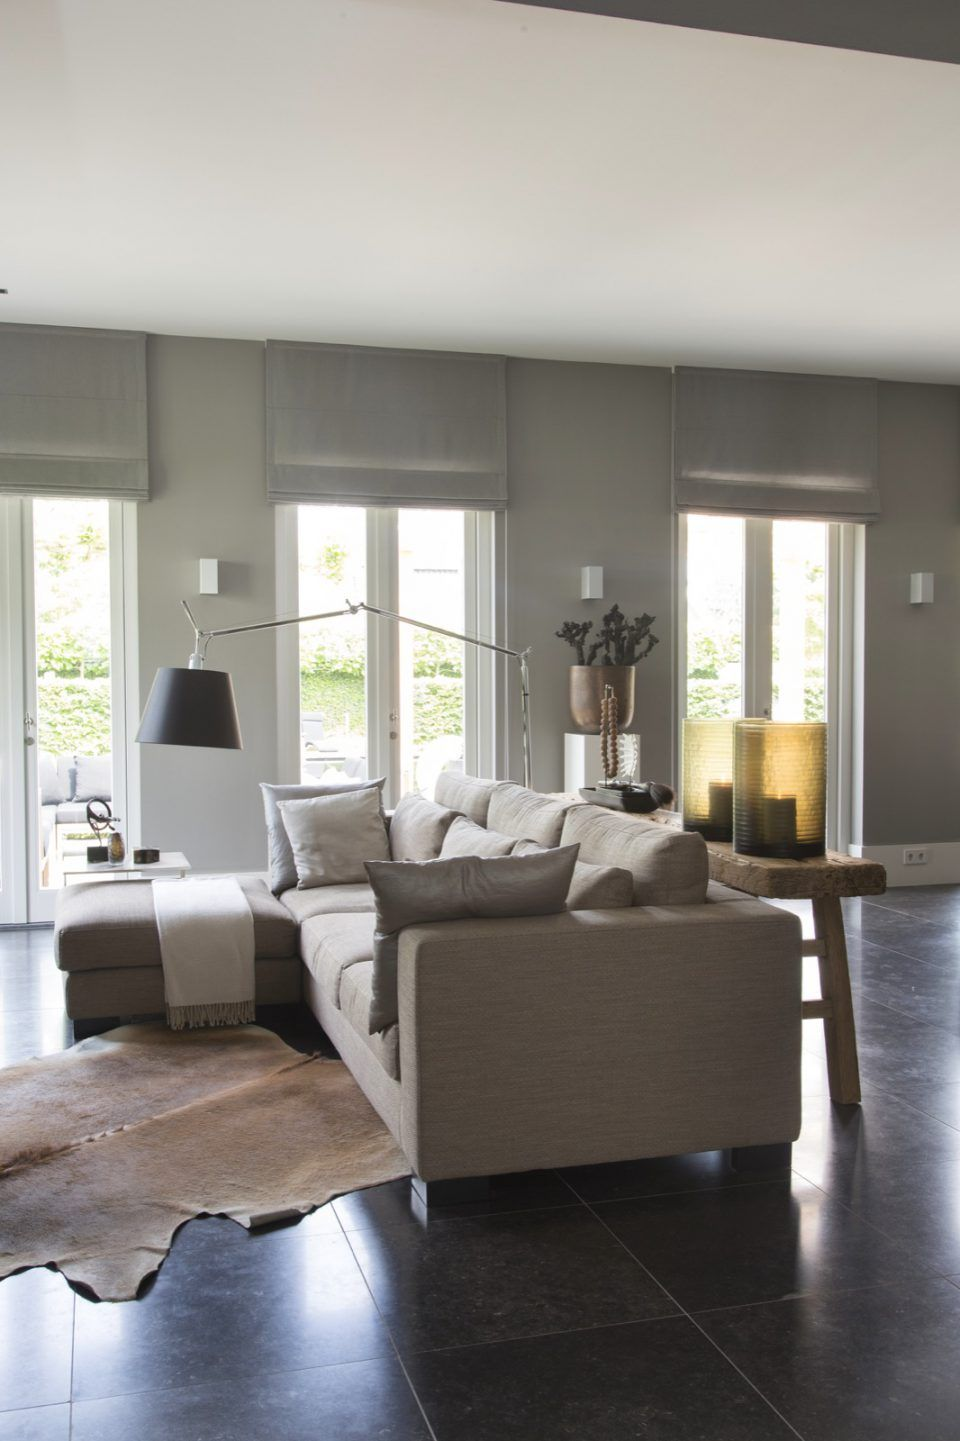 Luxe woonkamer ontwerp met design meubels - Salon | Pinterest - Luxe ...